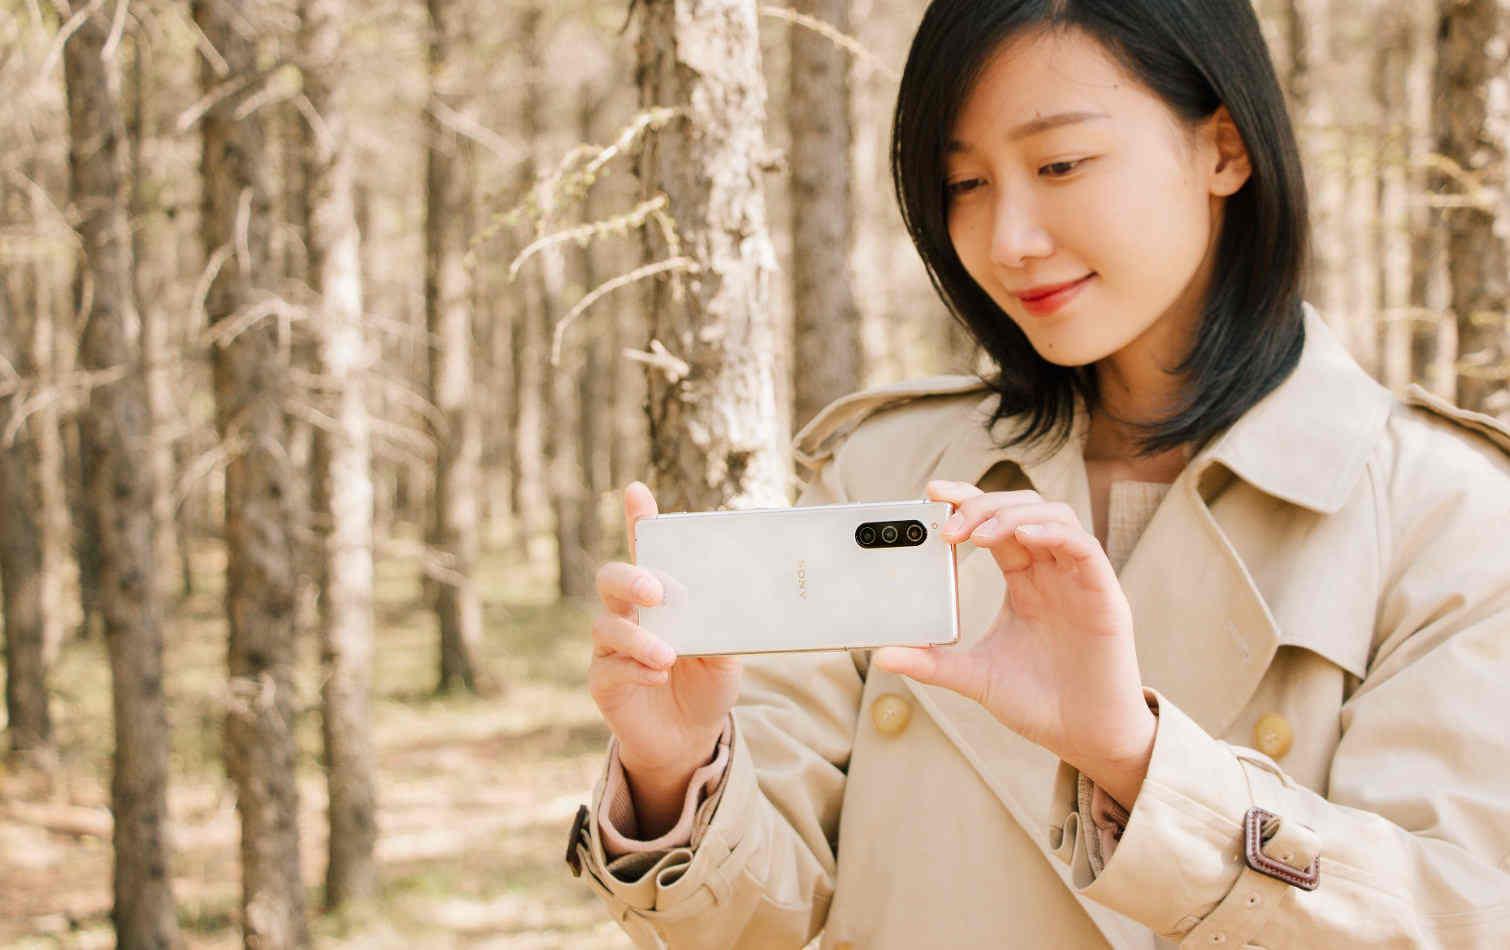 Cảm biến hình ảnh Sony dự báo mất 11,8% doanh thu vì Huawei bị cấm vận và đại dịch bùng phát